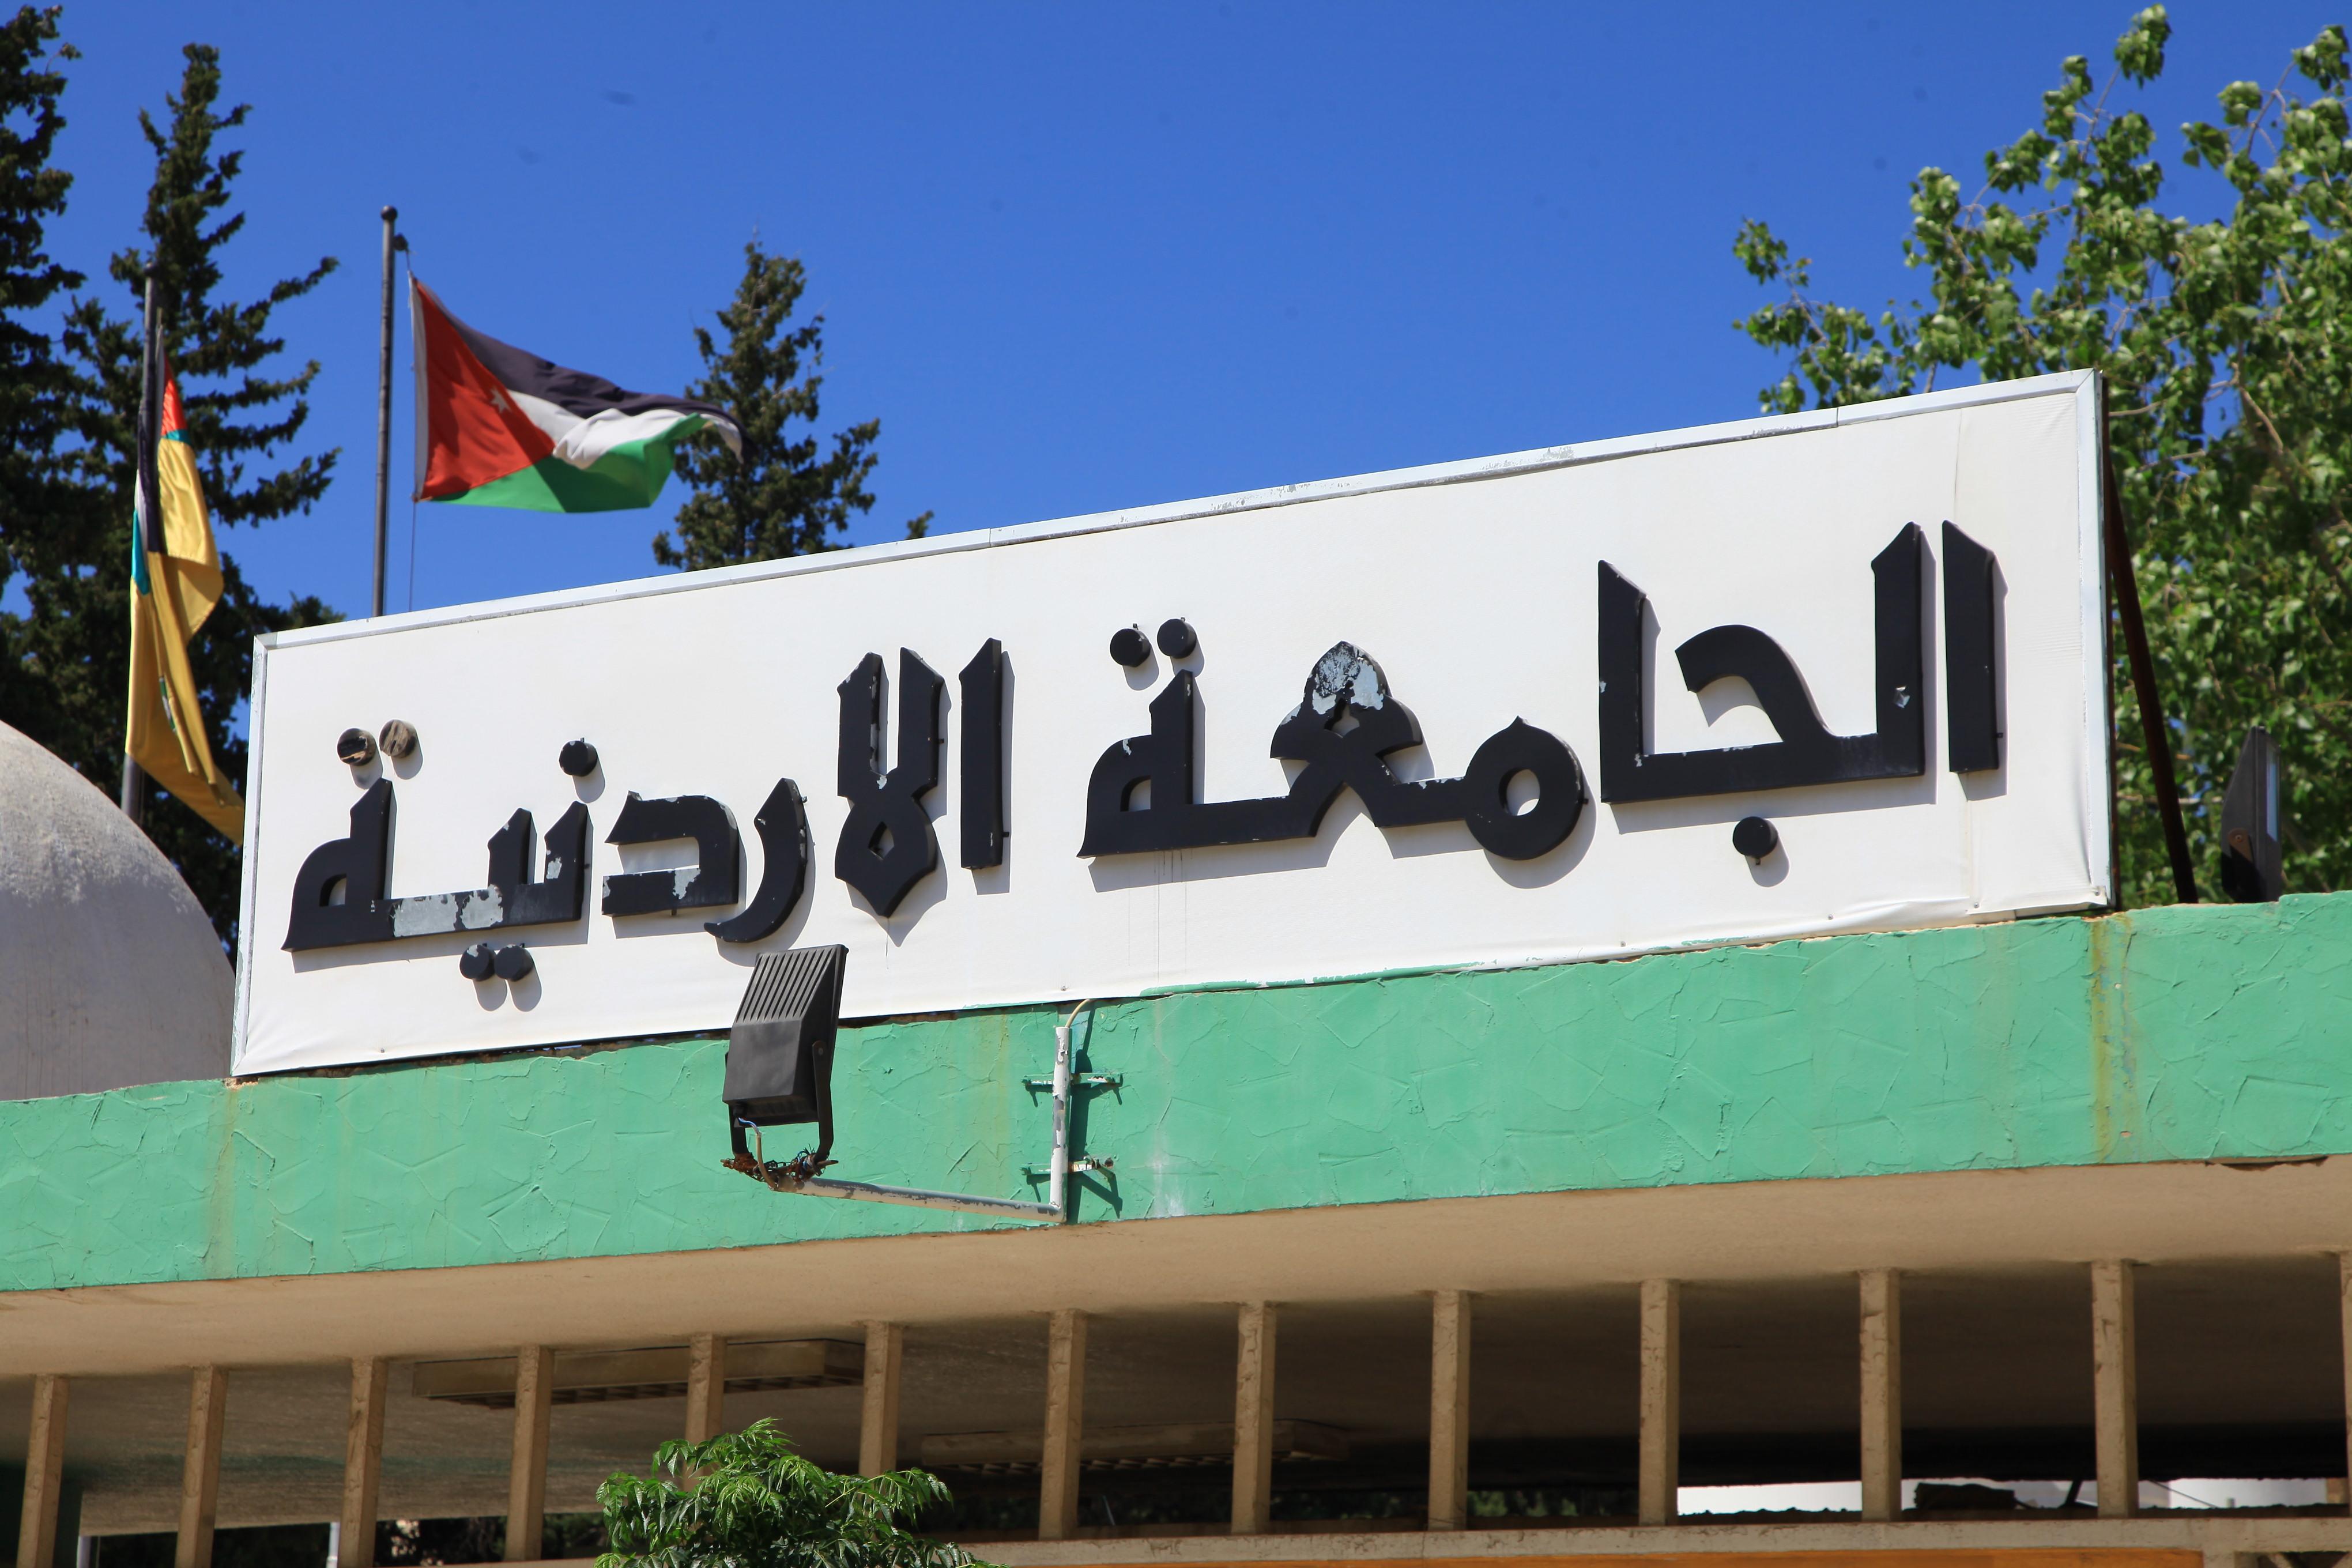 الجامعة الأردنية تغلق كليتي التمريض والعلوم التربوية والحضانة اليوم لتعقيمها